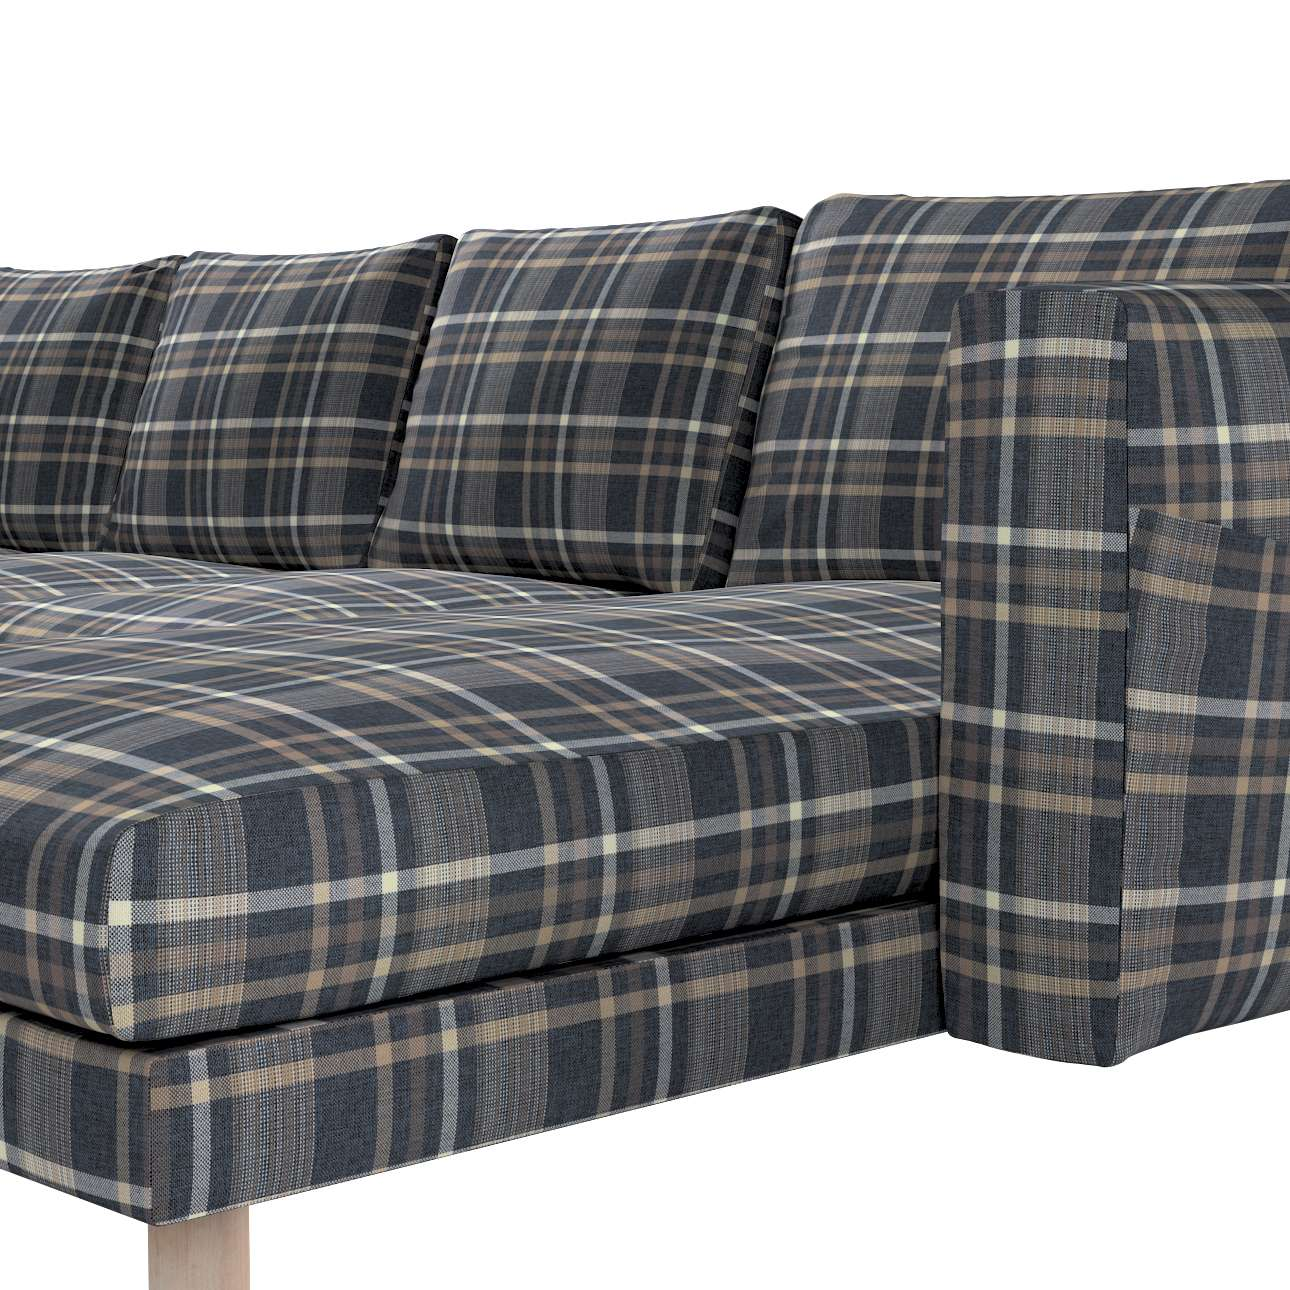 Pokrowiec na sofę Norsborg 4-osobową z szezlongiem w kolekcji Edinburgh, tkanina: 703-16